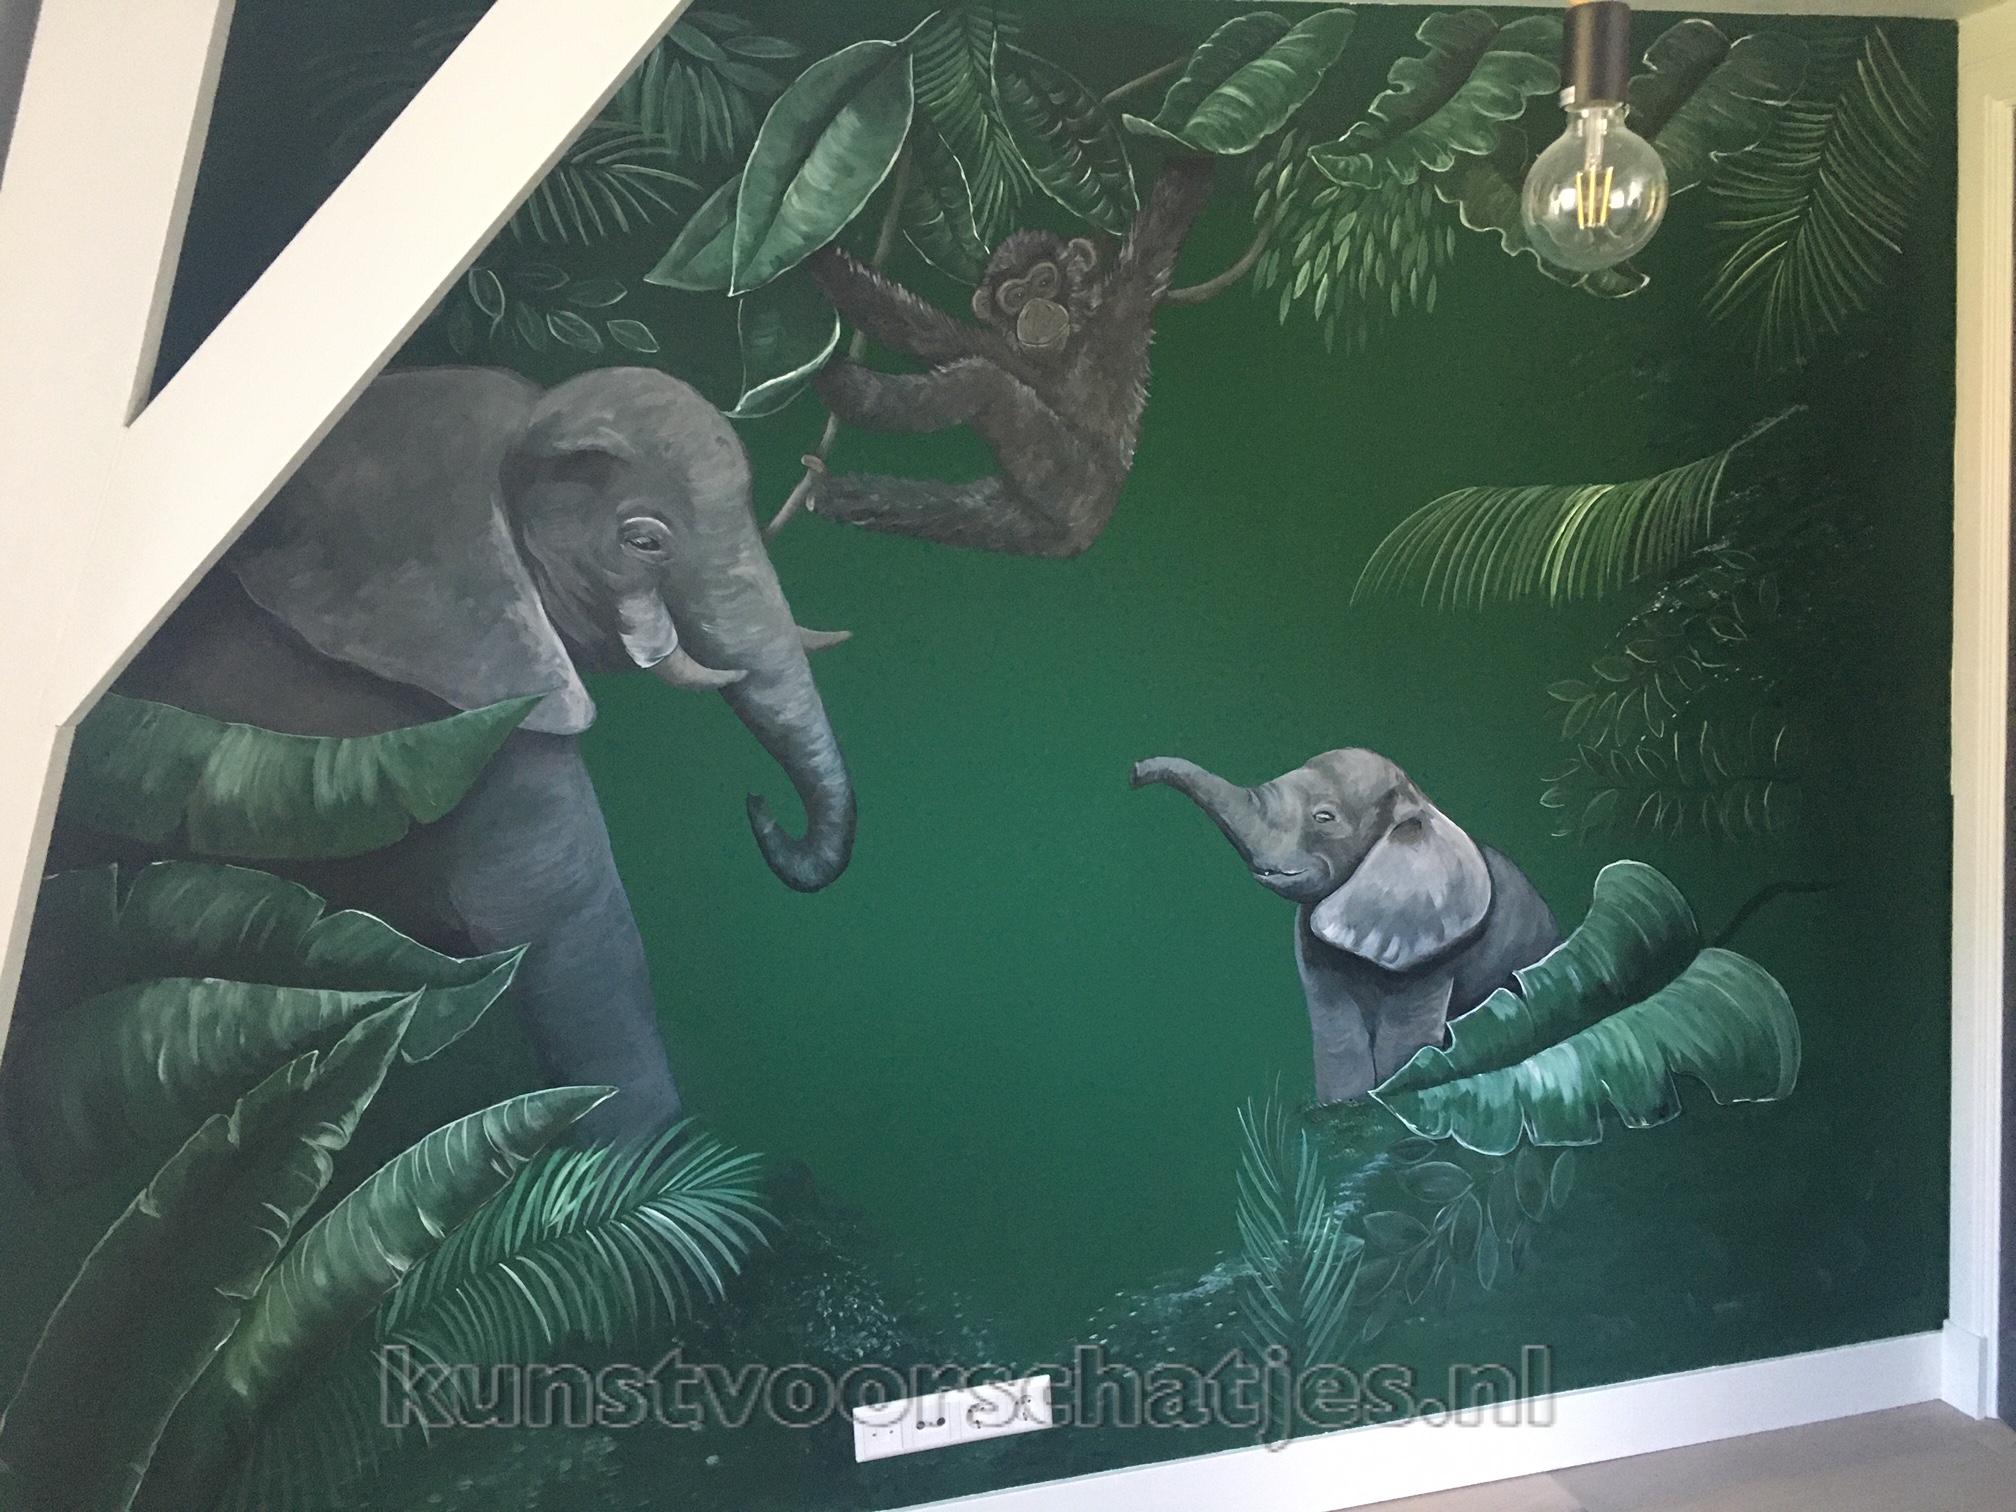 Jungle muurschildering in groentinten